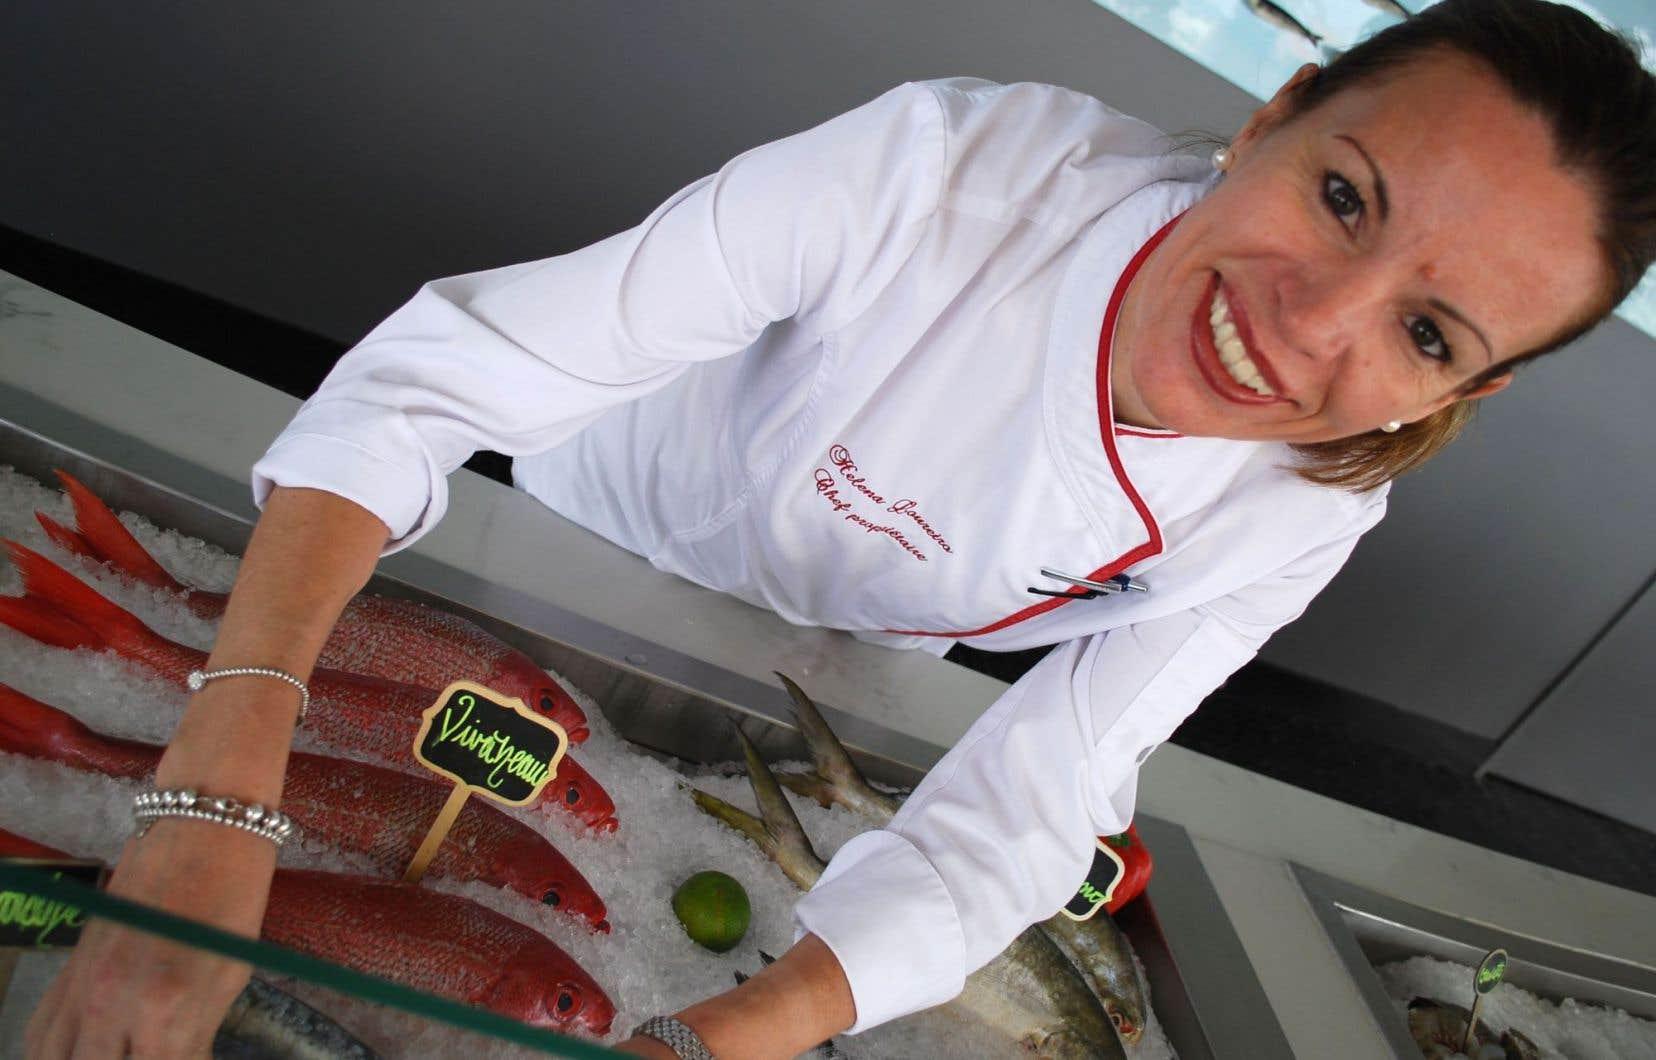 Avec quelques autres restaurateurs portugais, Helena Loureiro a grandement contribué à faire découvrir ici cette cuisine, mais aussi les vins portugais et le fado. Le poisson est son aliment privilégié